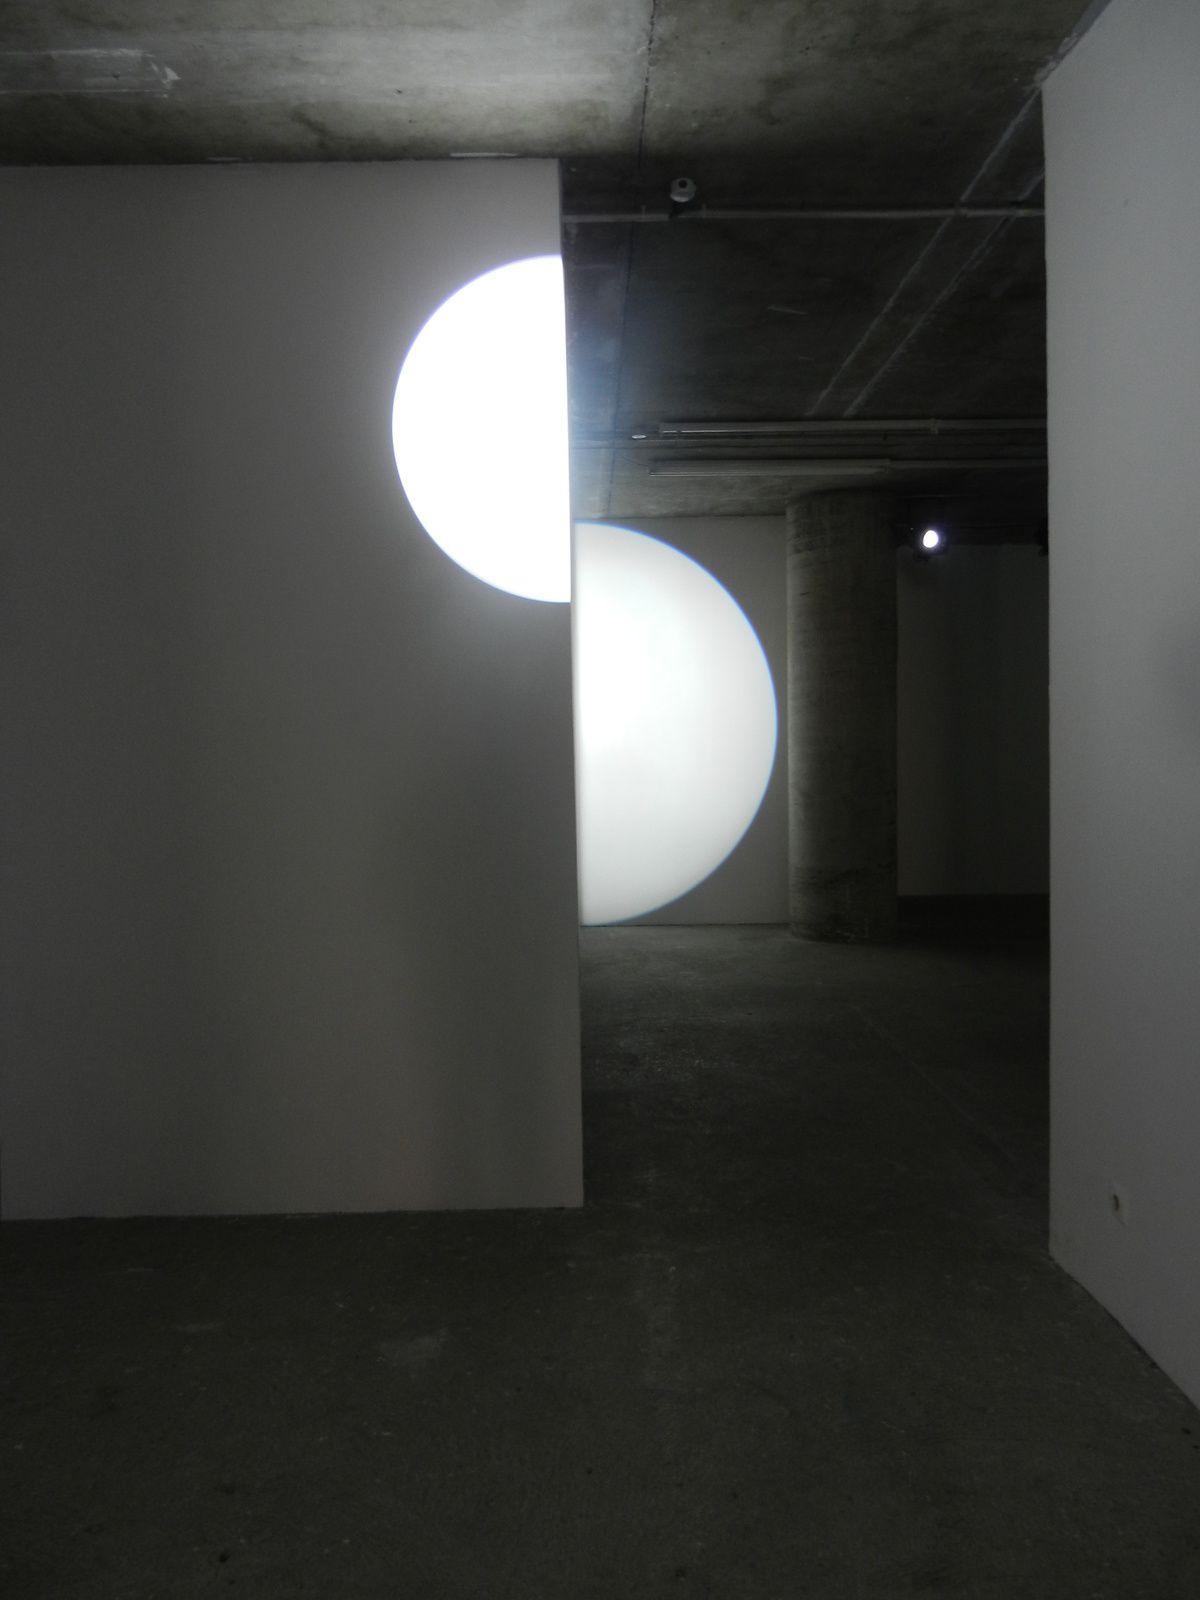 Retrospectare humanum est, exposition de Michel Verjux au CCC de Tours : la lumière comme révélateur et créateur d'espace